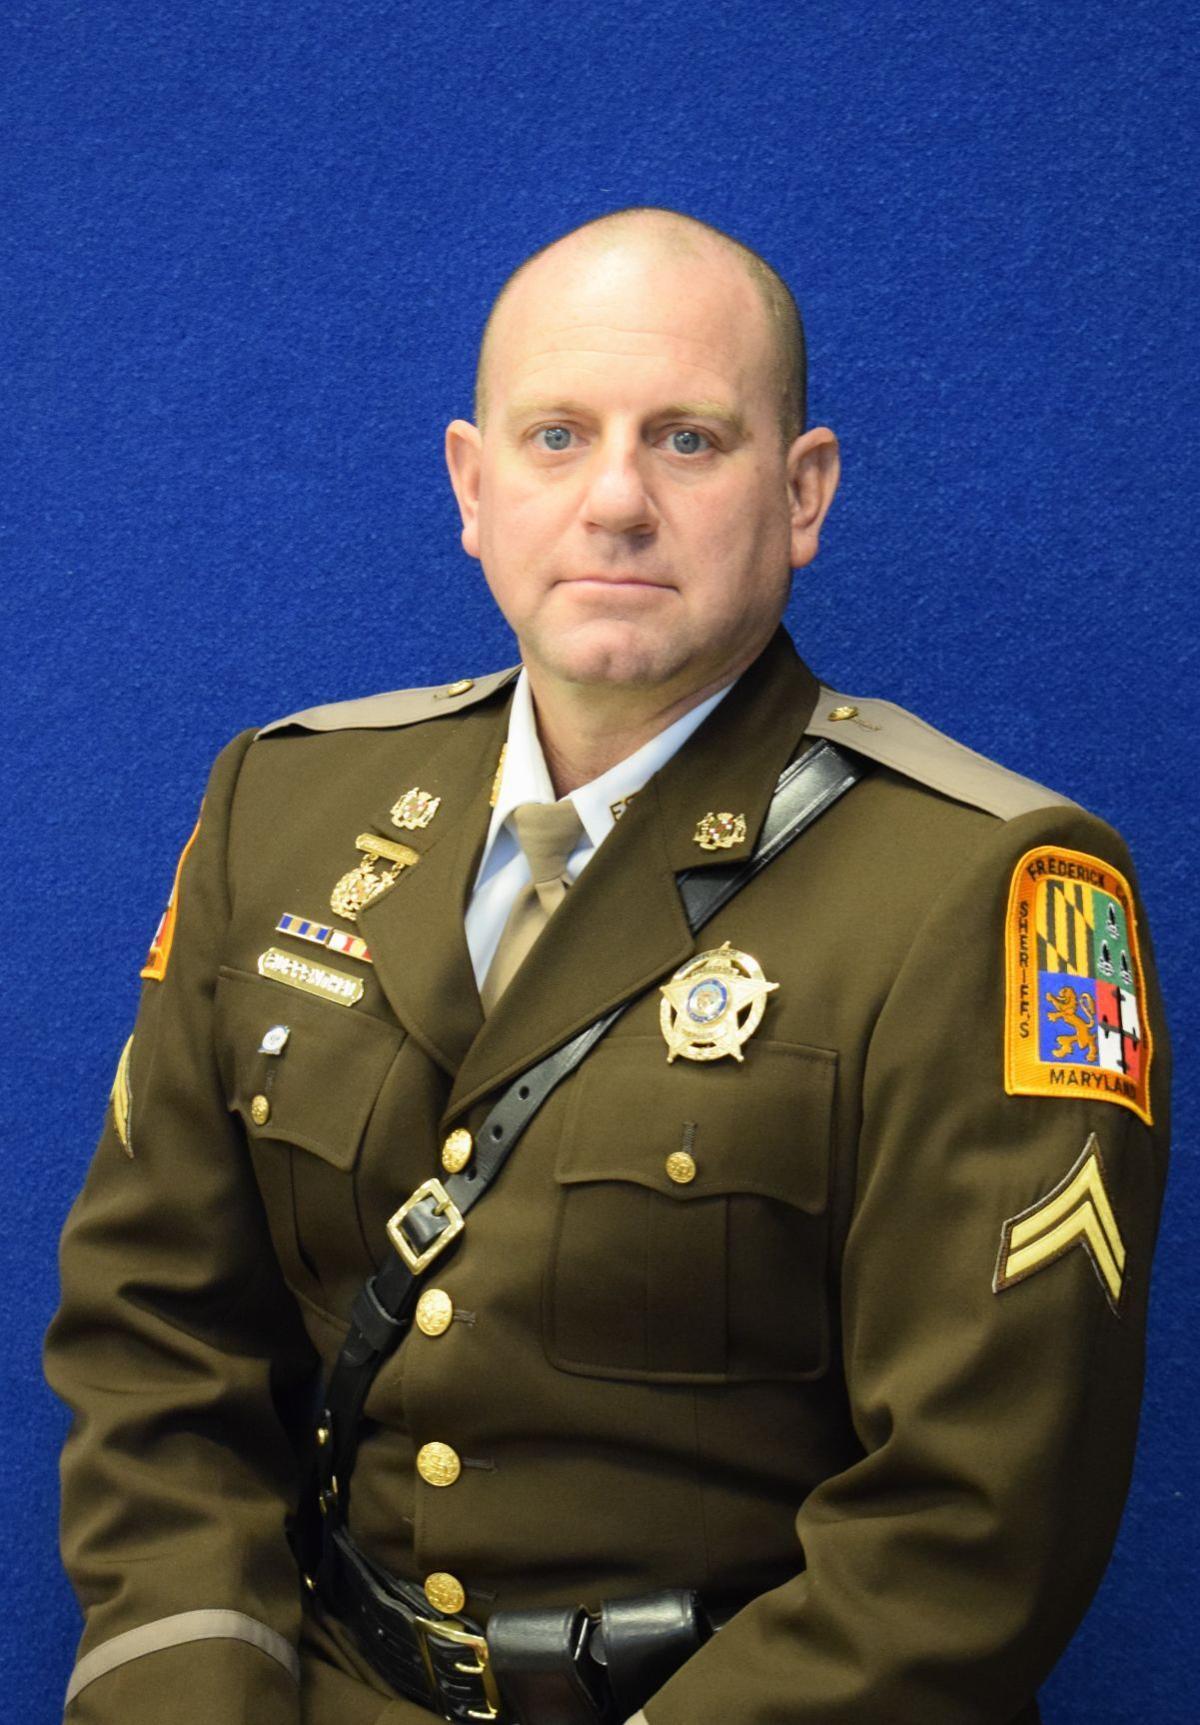 Sgt. Bart Ruppenthal